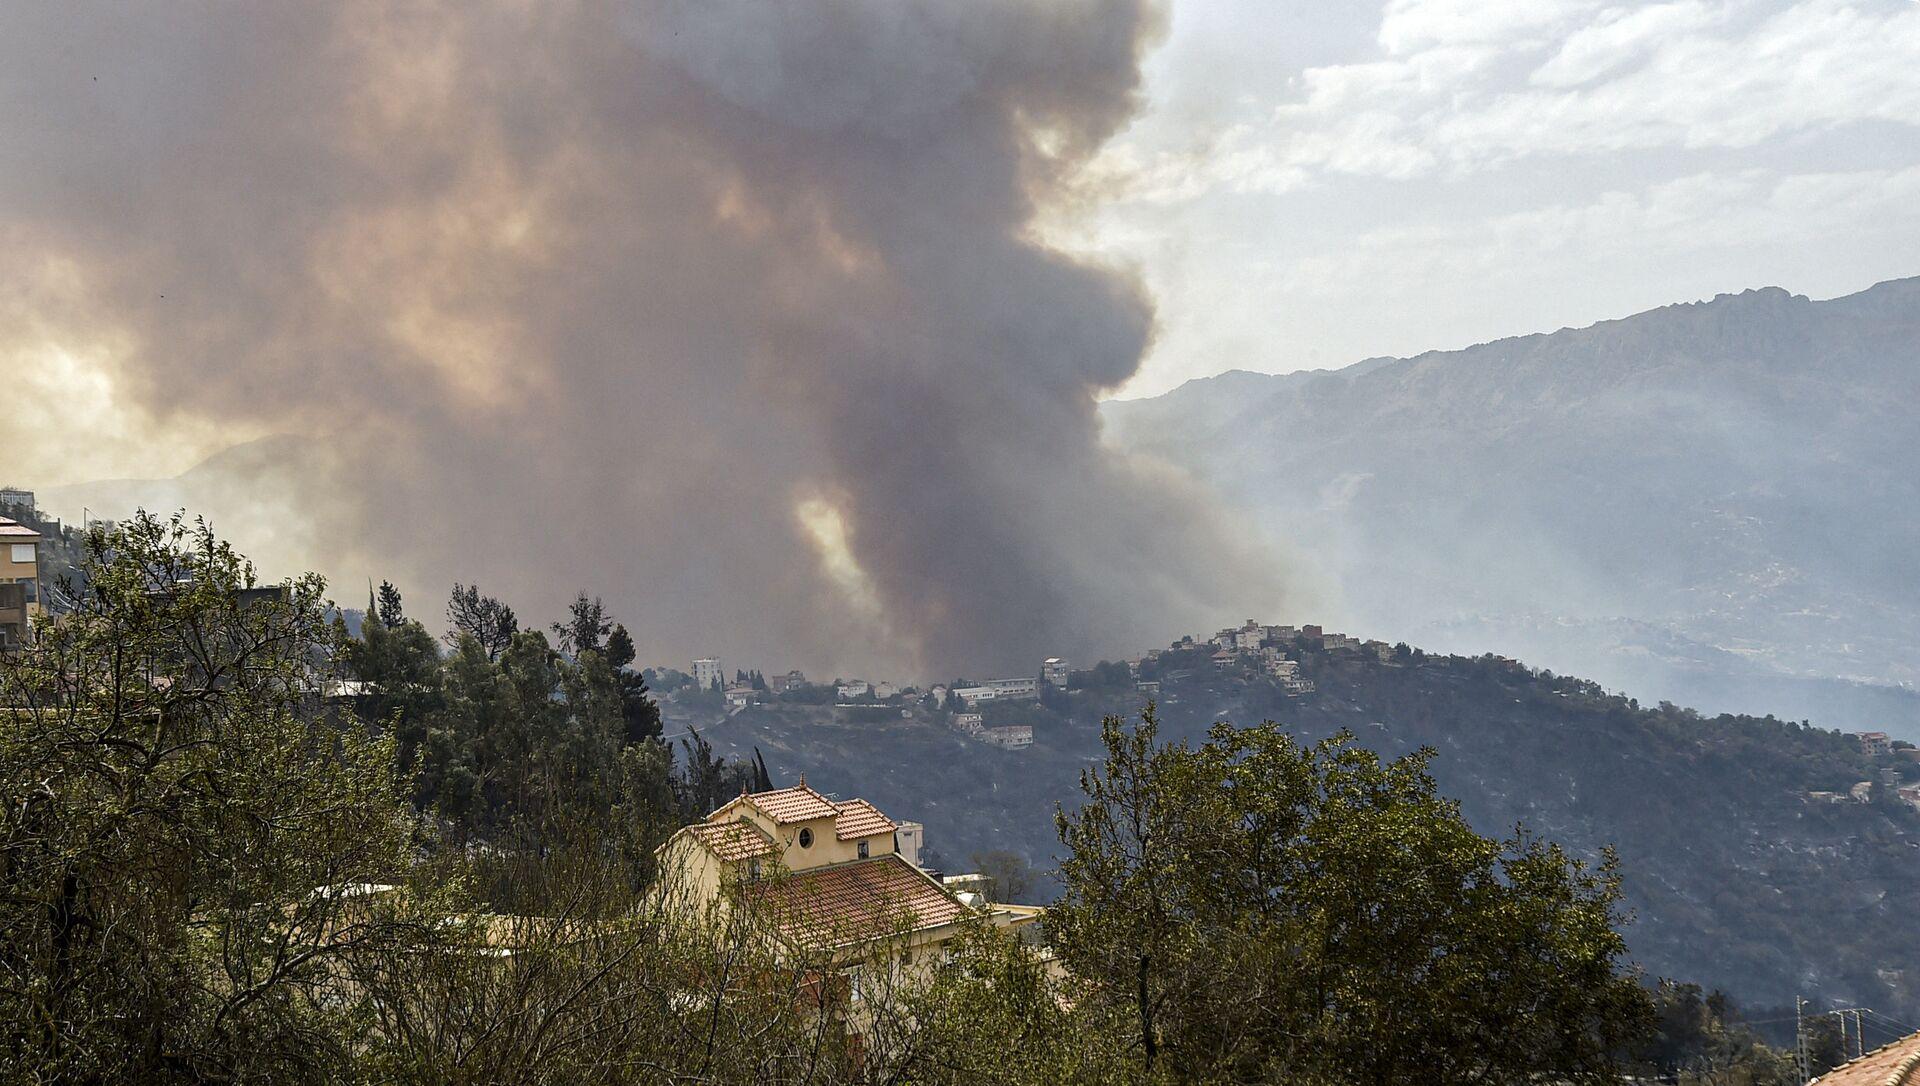 L'Algérie ravagée par des incendies - Sputnik France, 1920, 11.08.2021